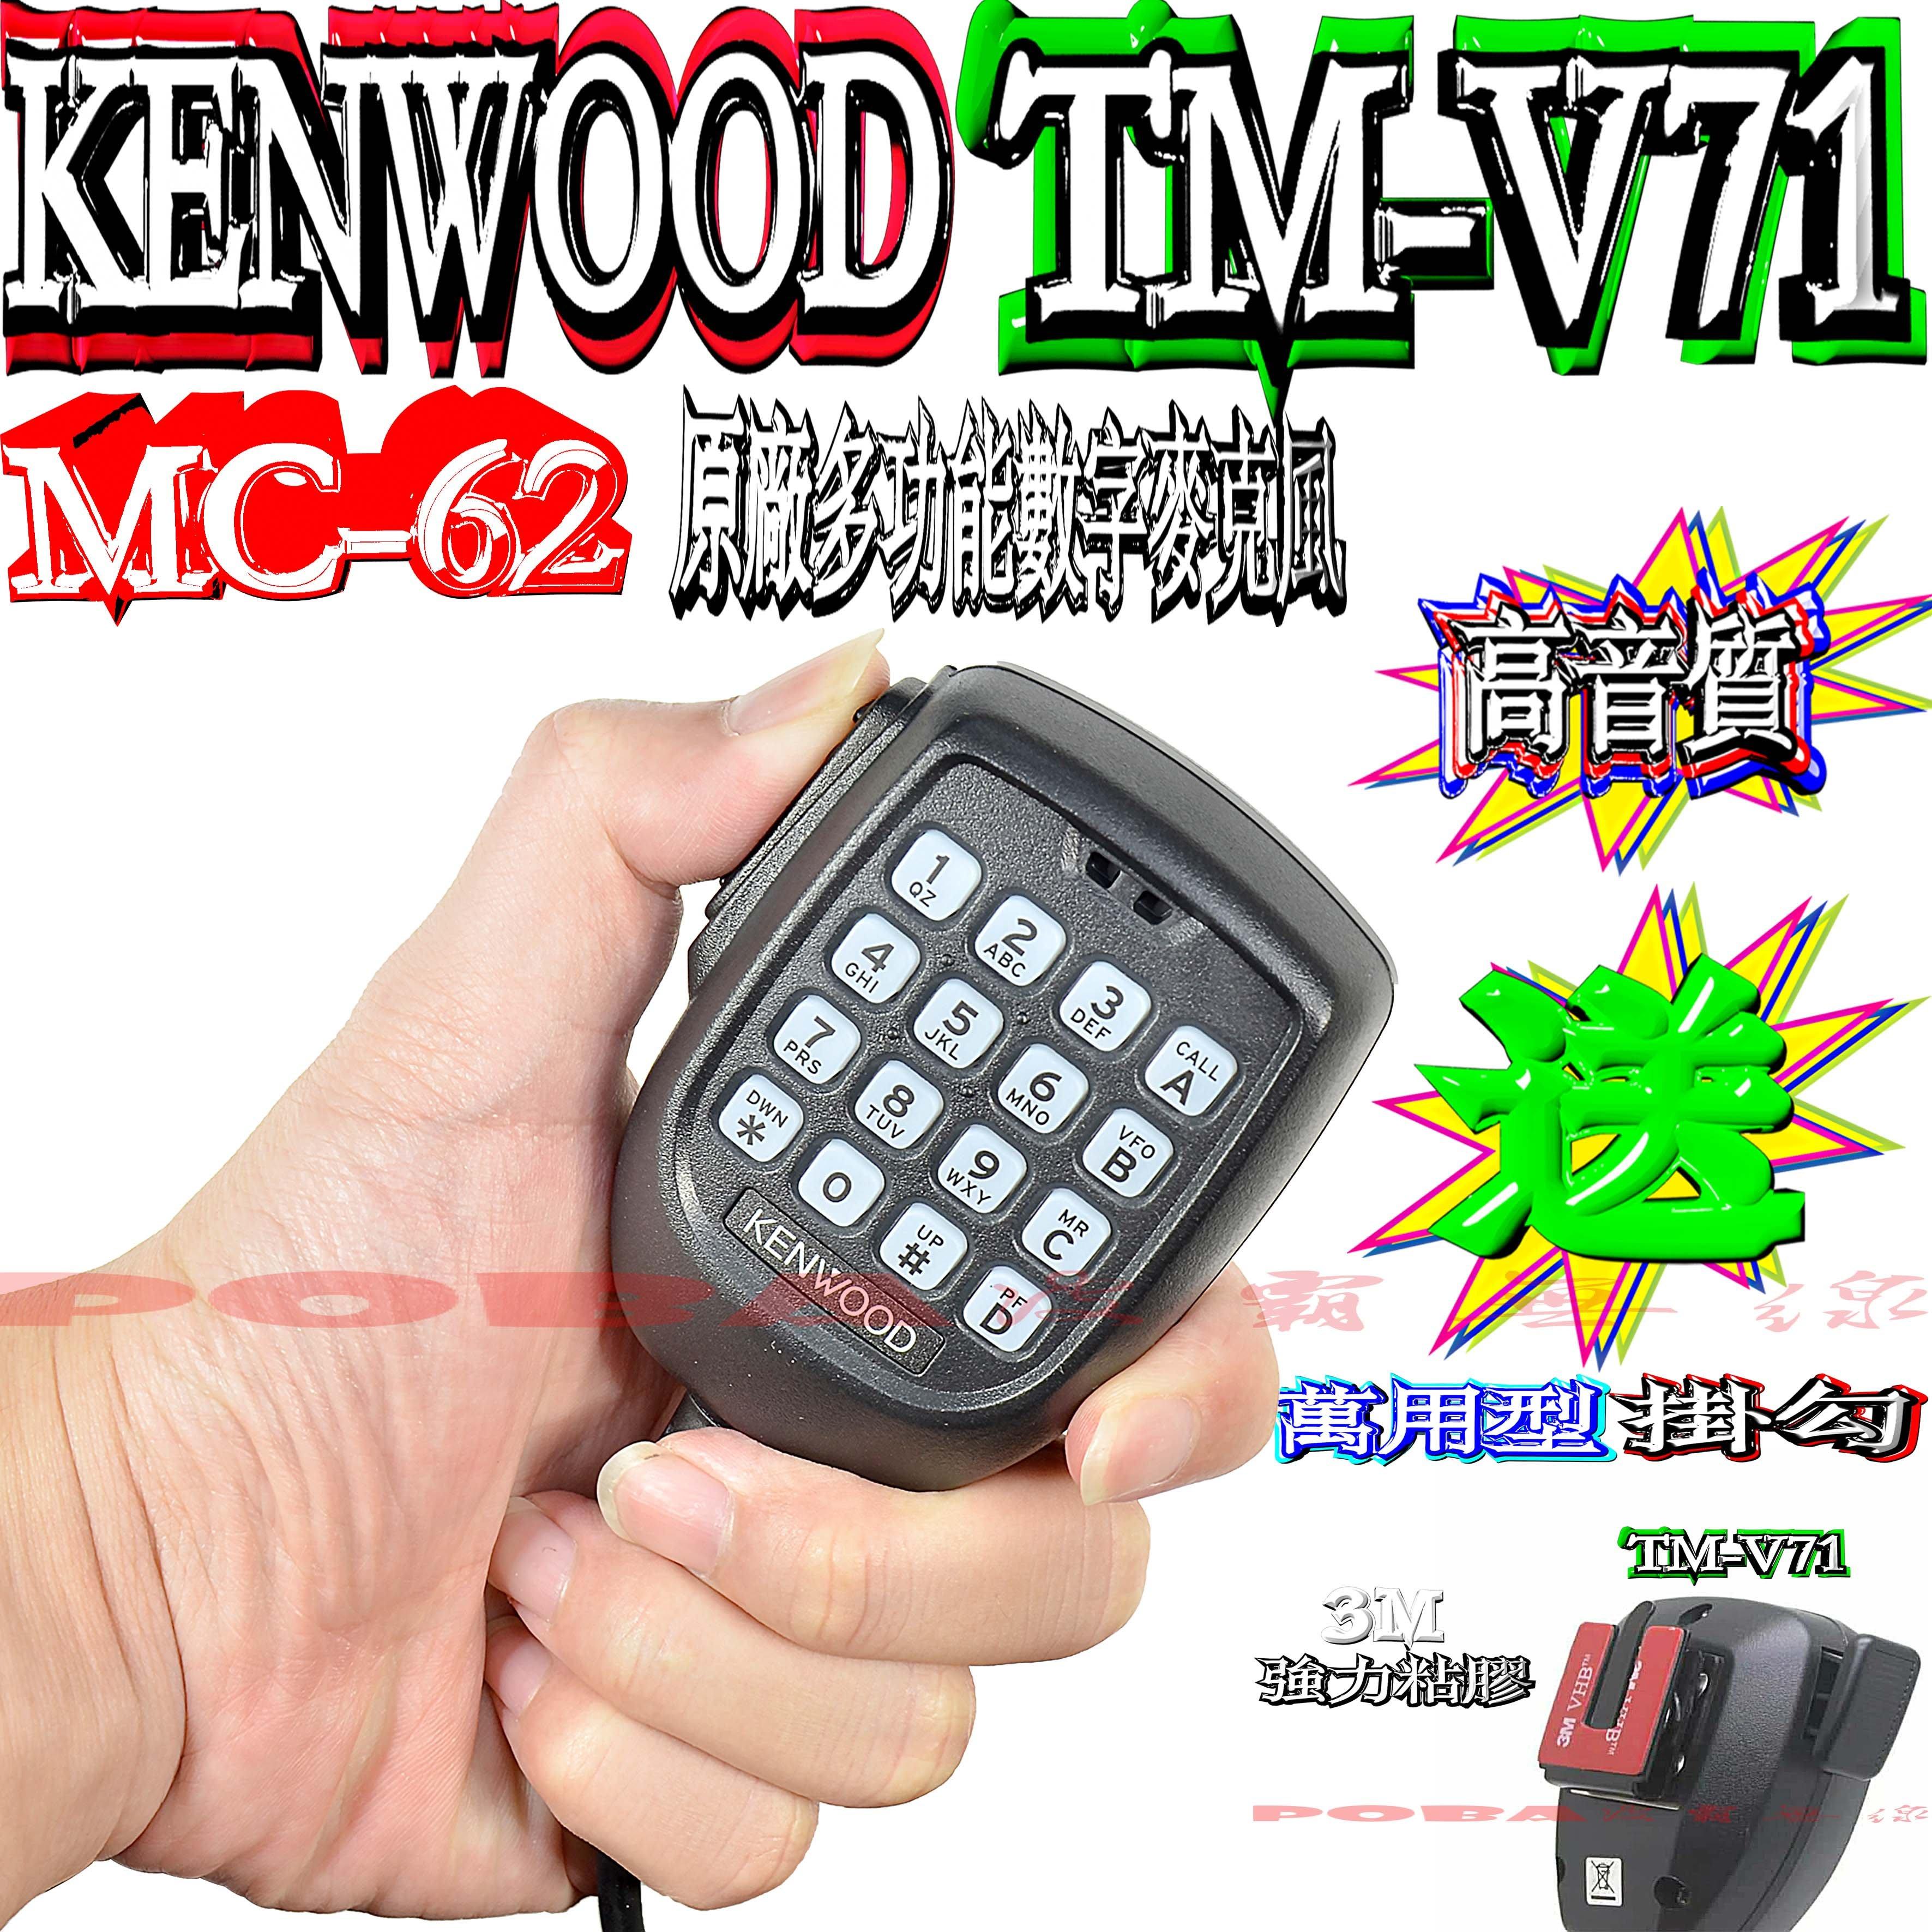 ☆波霸無線電☆KENWOOD MC-62最新多功能數字麥克風 手持麥克風 原廠公司貨 TM-V71A TM-V71 適用